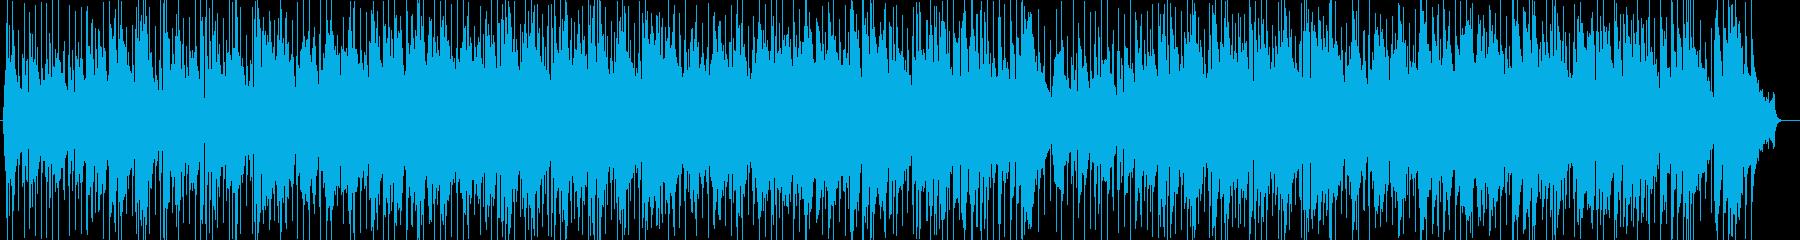 ドライブBGM風シンセサイザー曲の再生済みの波形